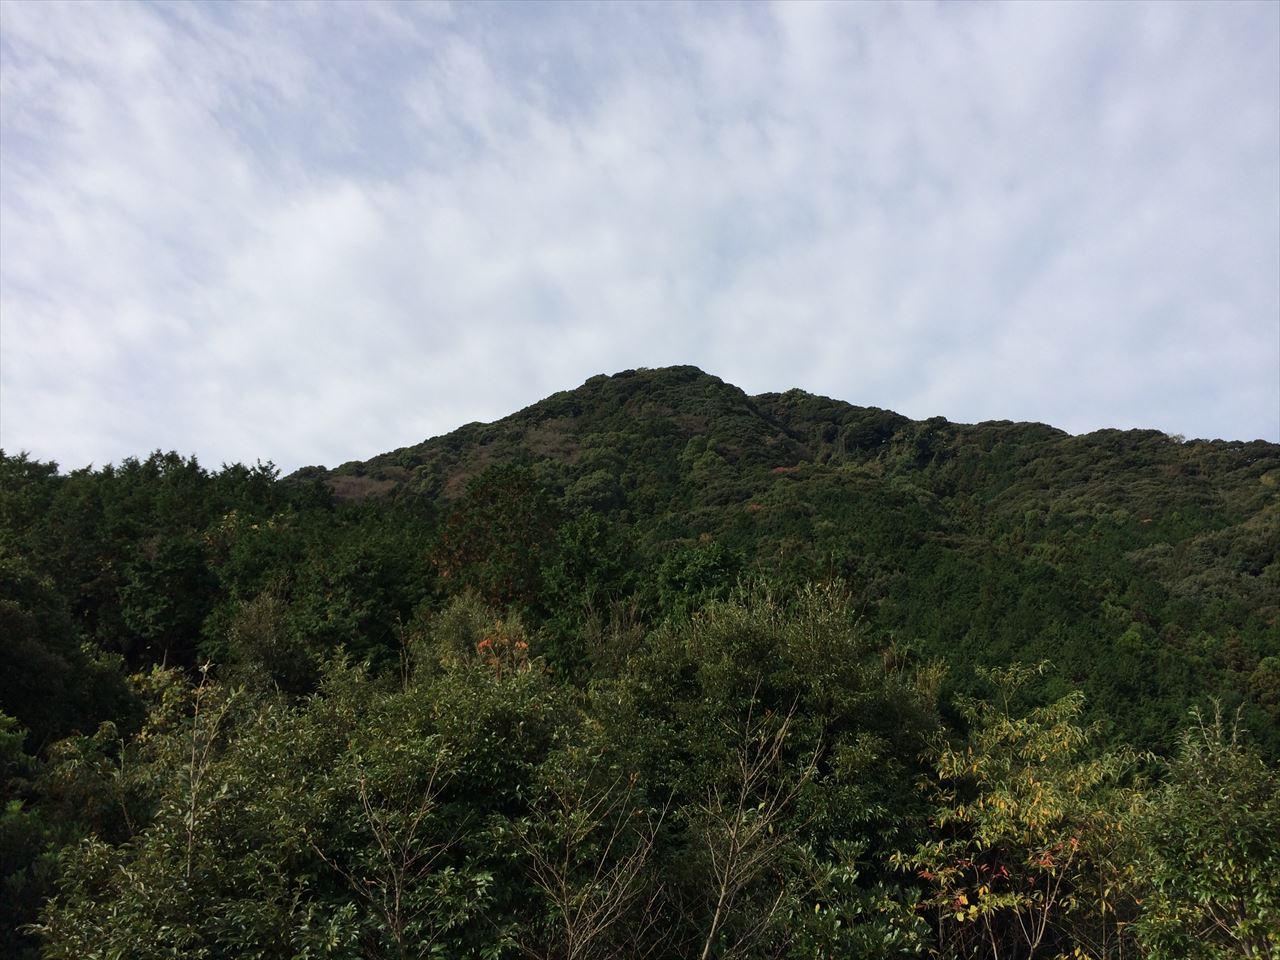 飯盛山 登山 福岡市西区のランドマーク 原点回帰の旅(2015.11.21)